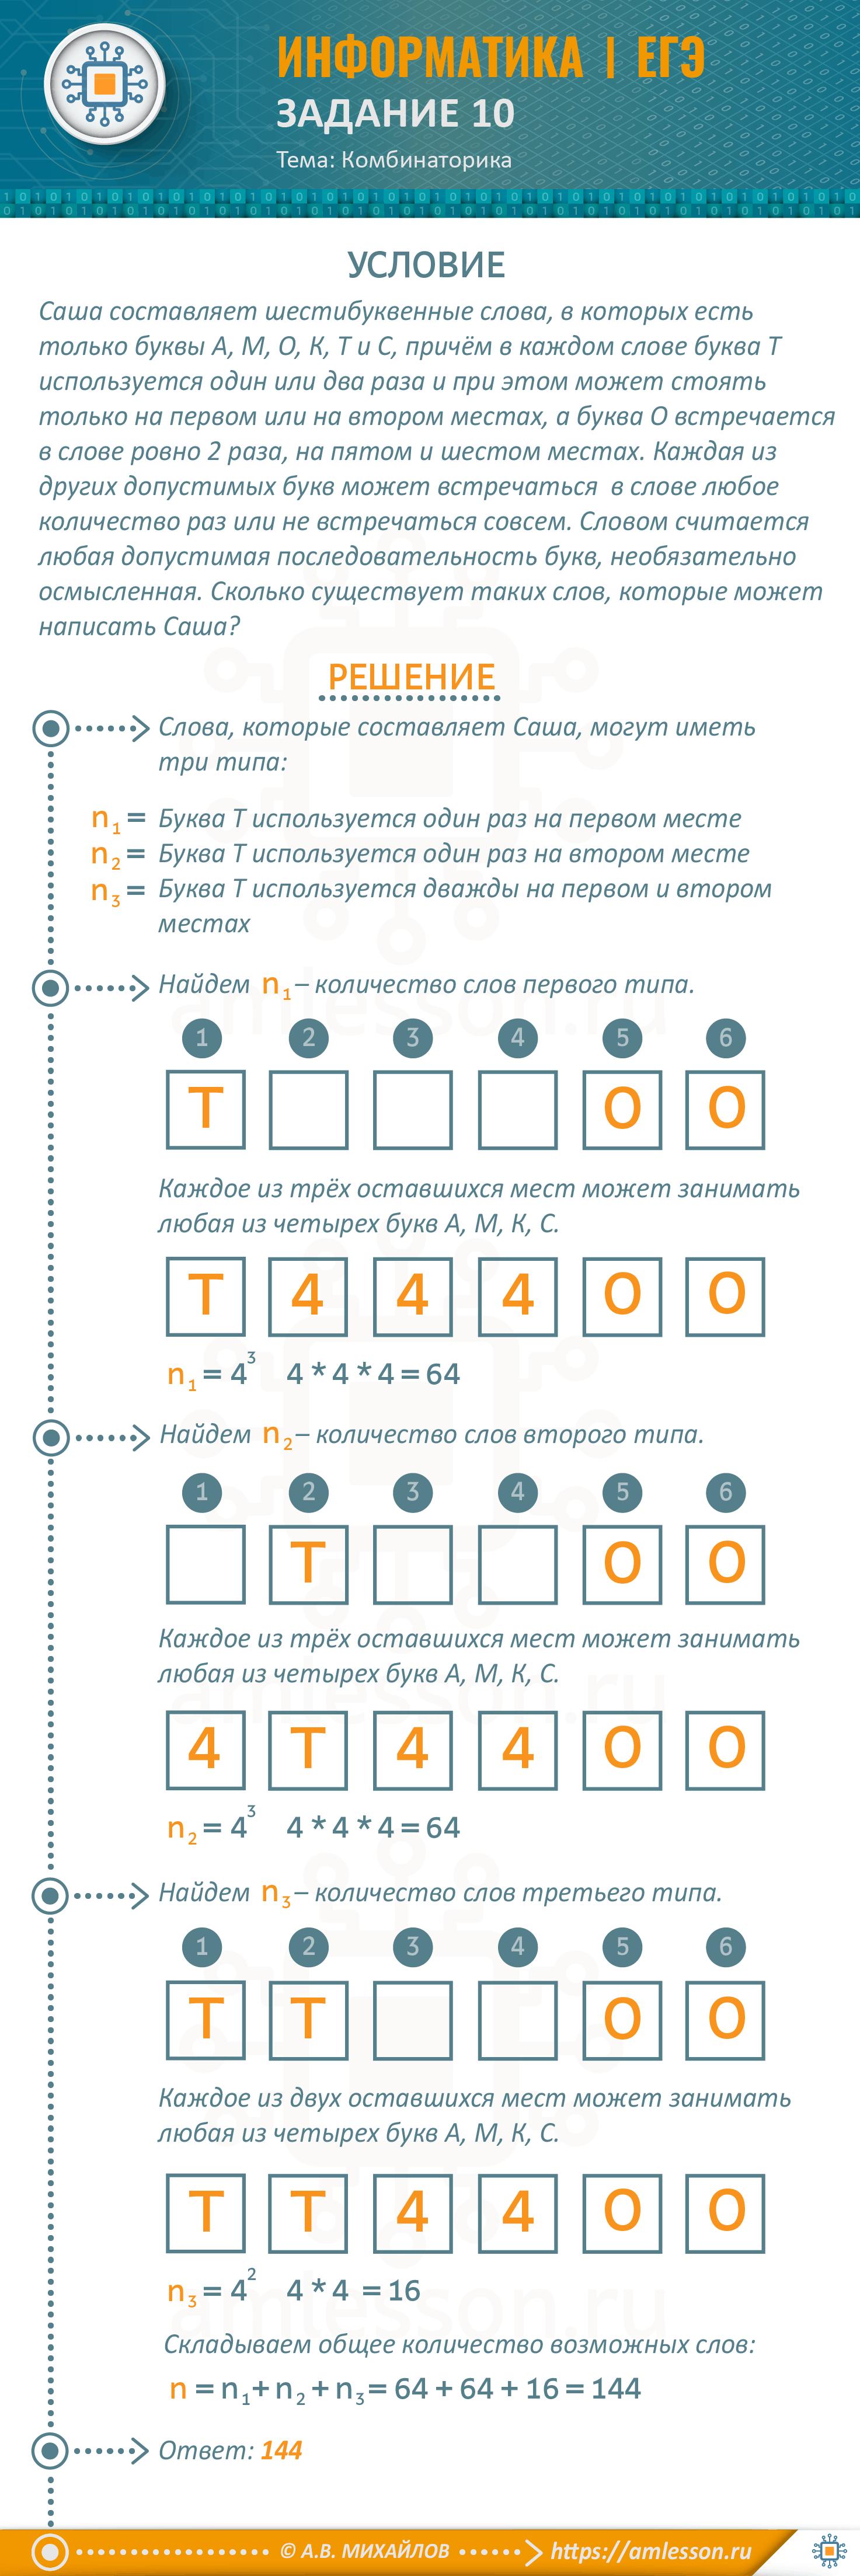 ЕГЭ по информатике задание 10. Тема: комбинаторика